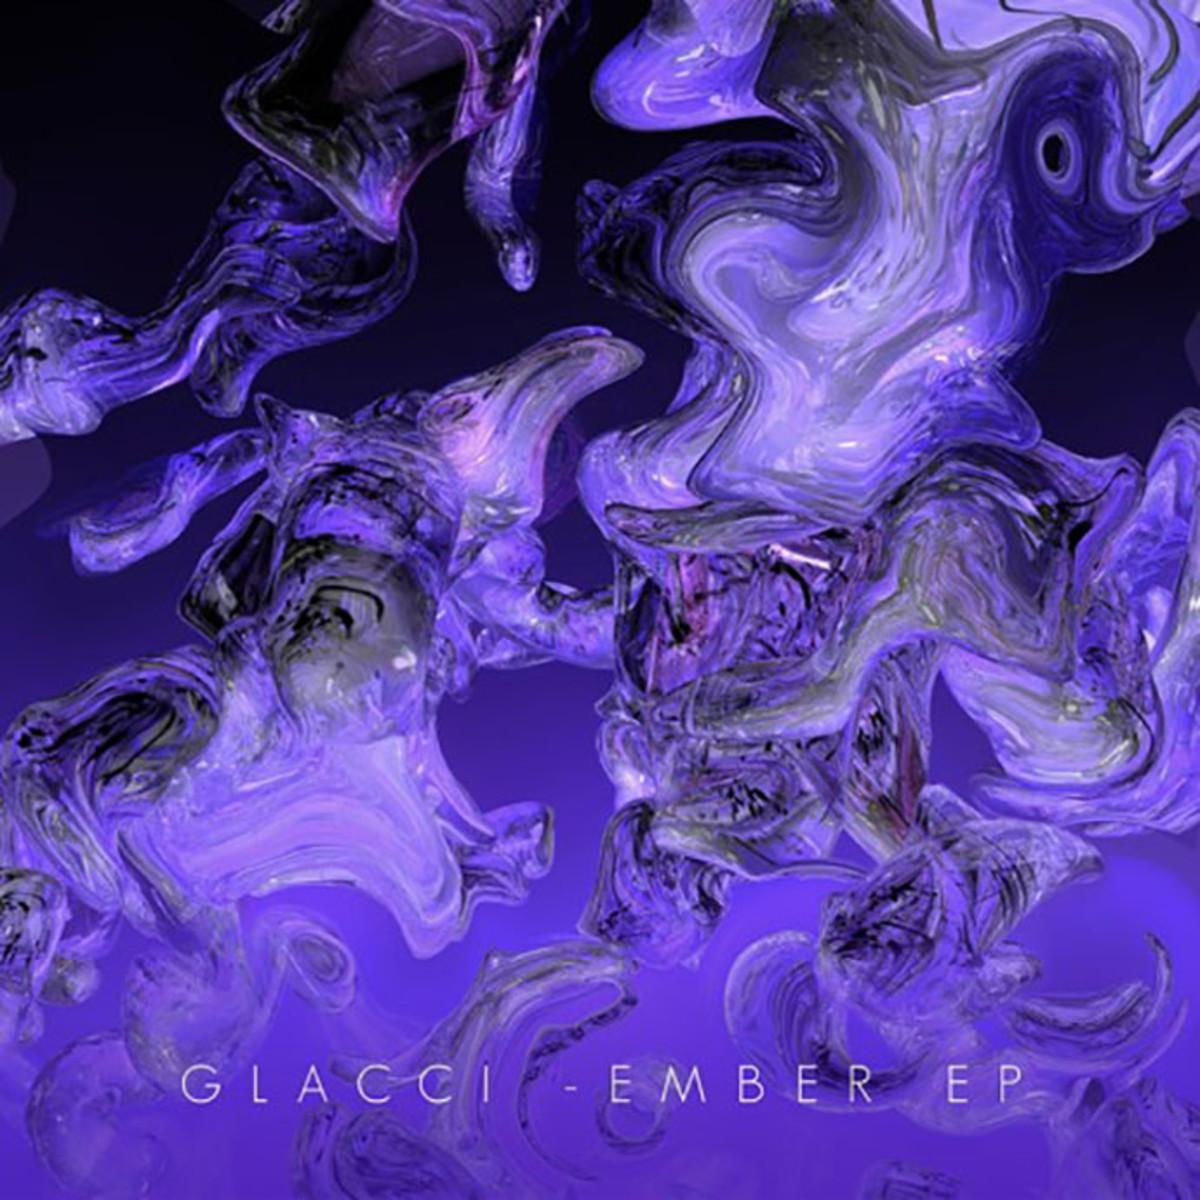 Glacci - Ember